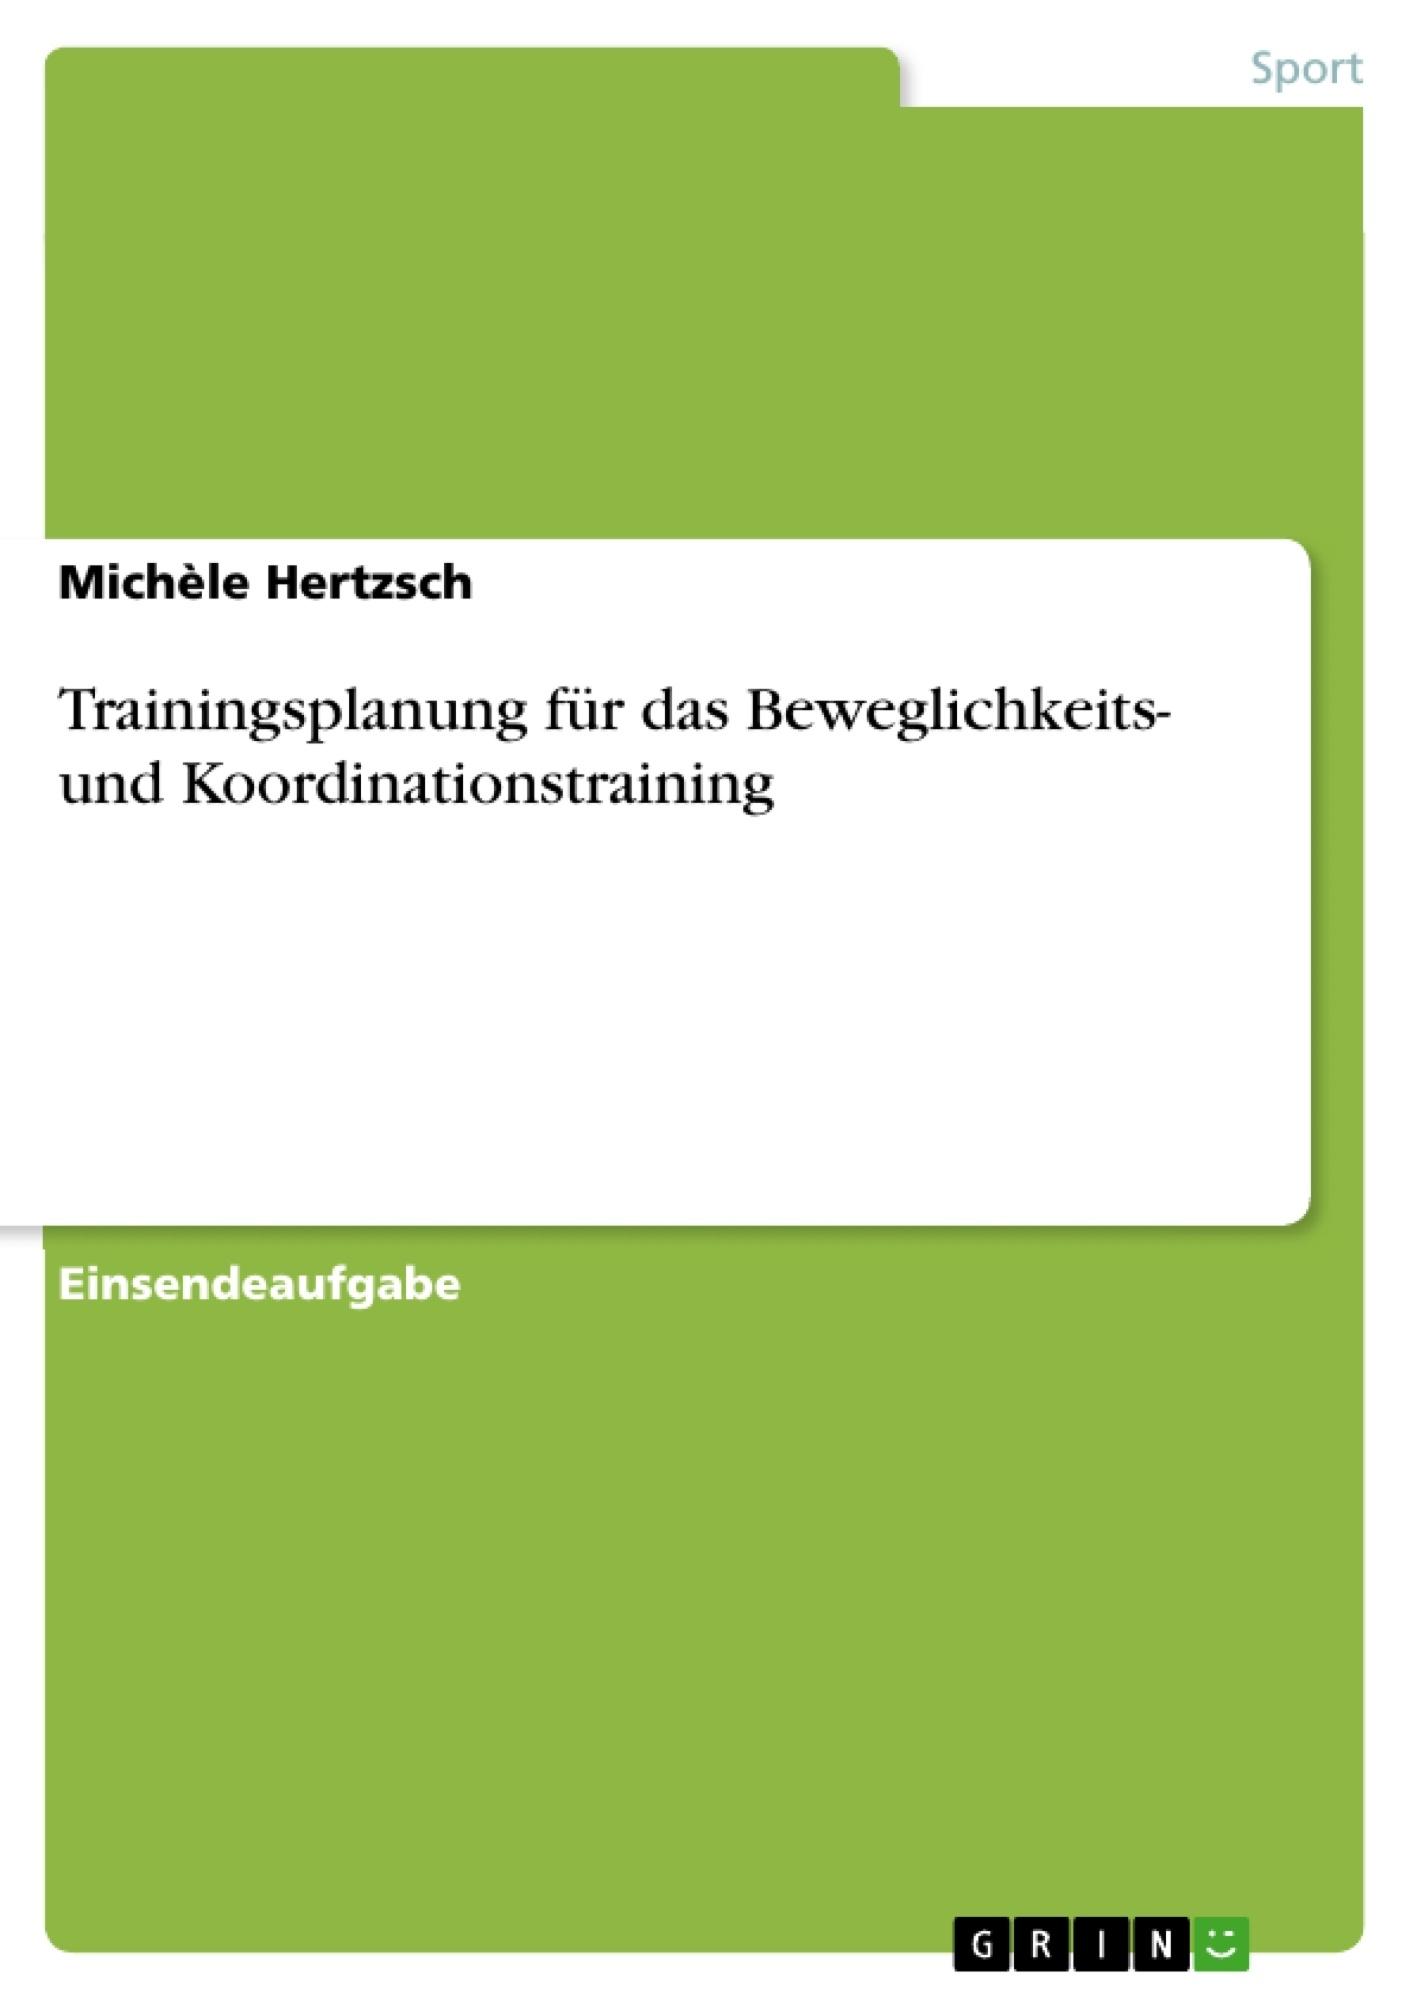 Titel: Trainingsplanung für das Beweglichkeits- und Koordinationstraining